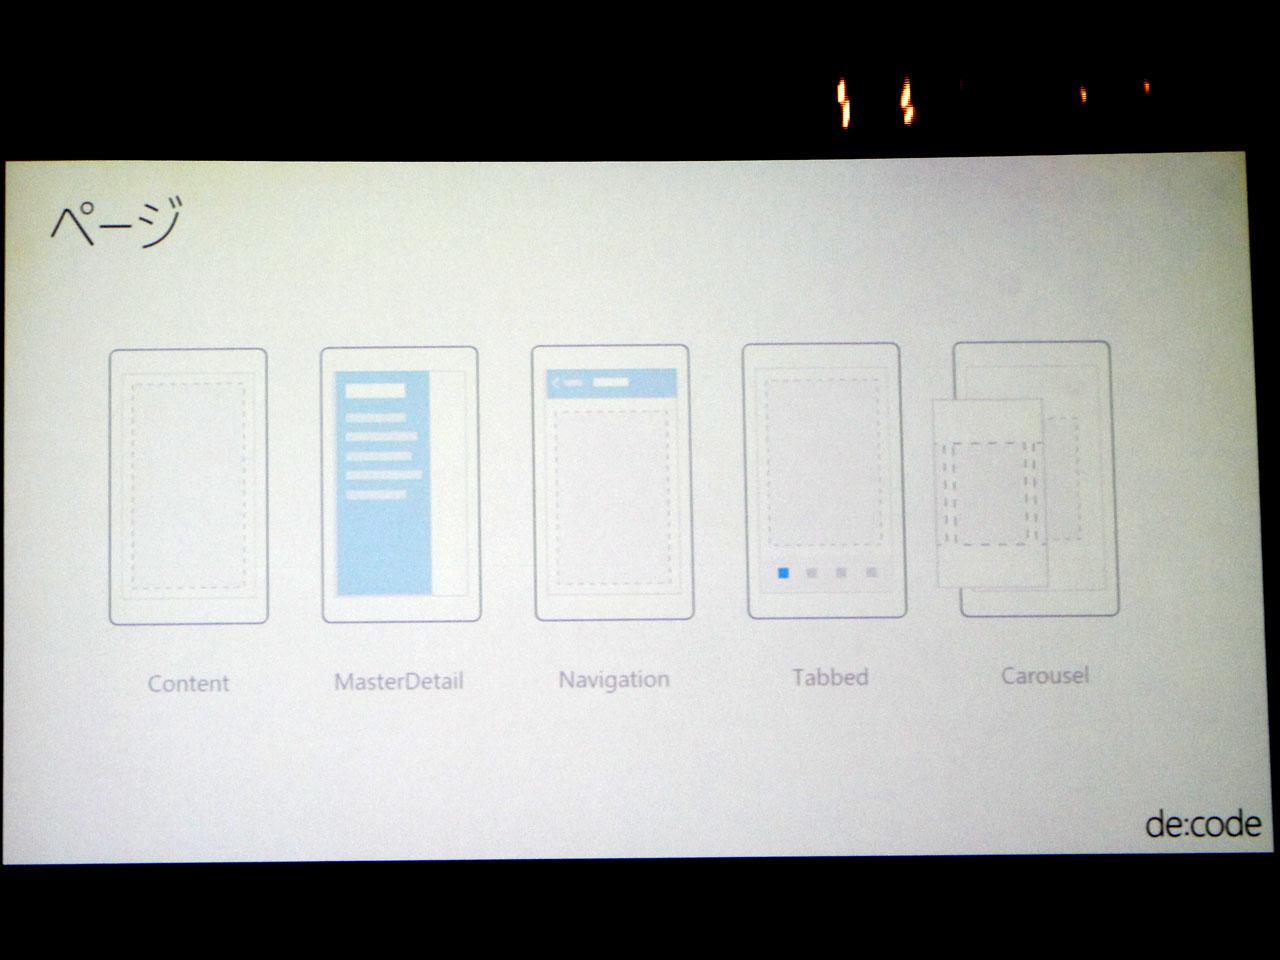 ページデザインは5種類が用意されている